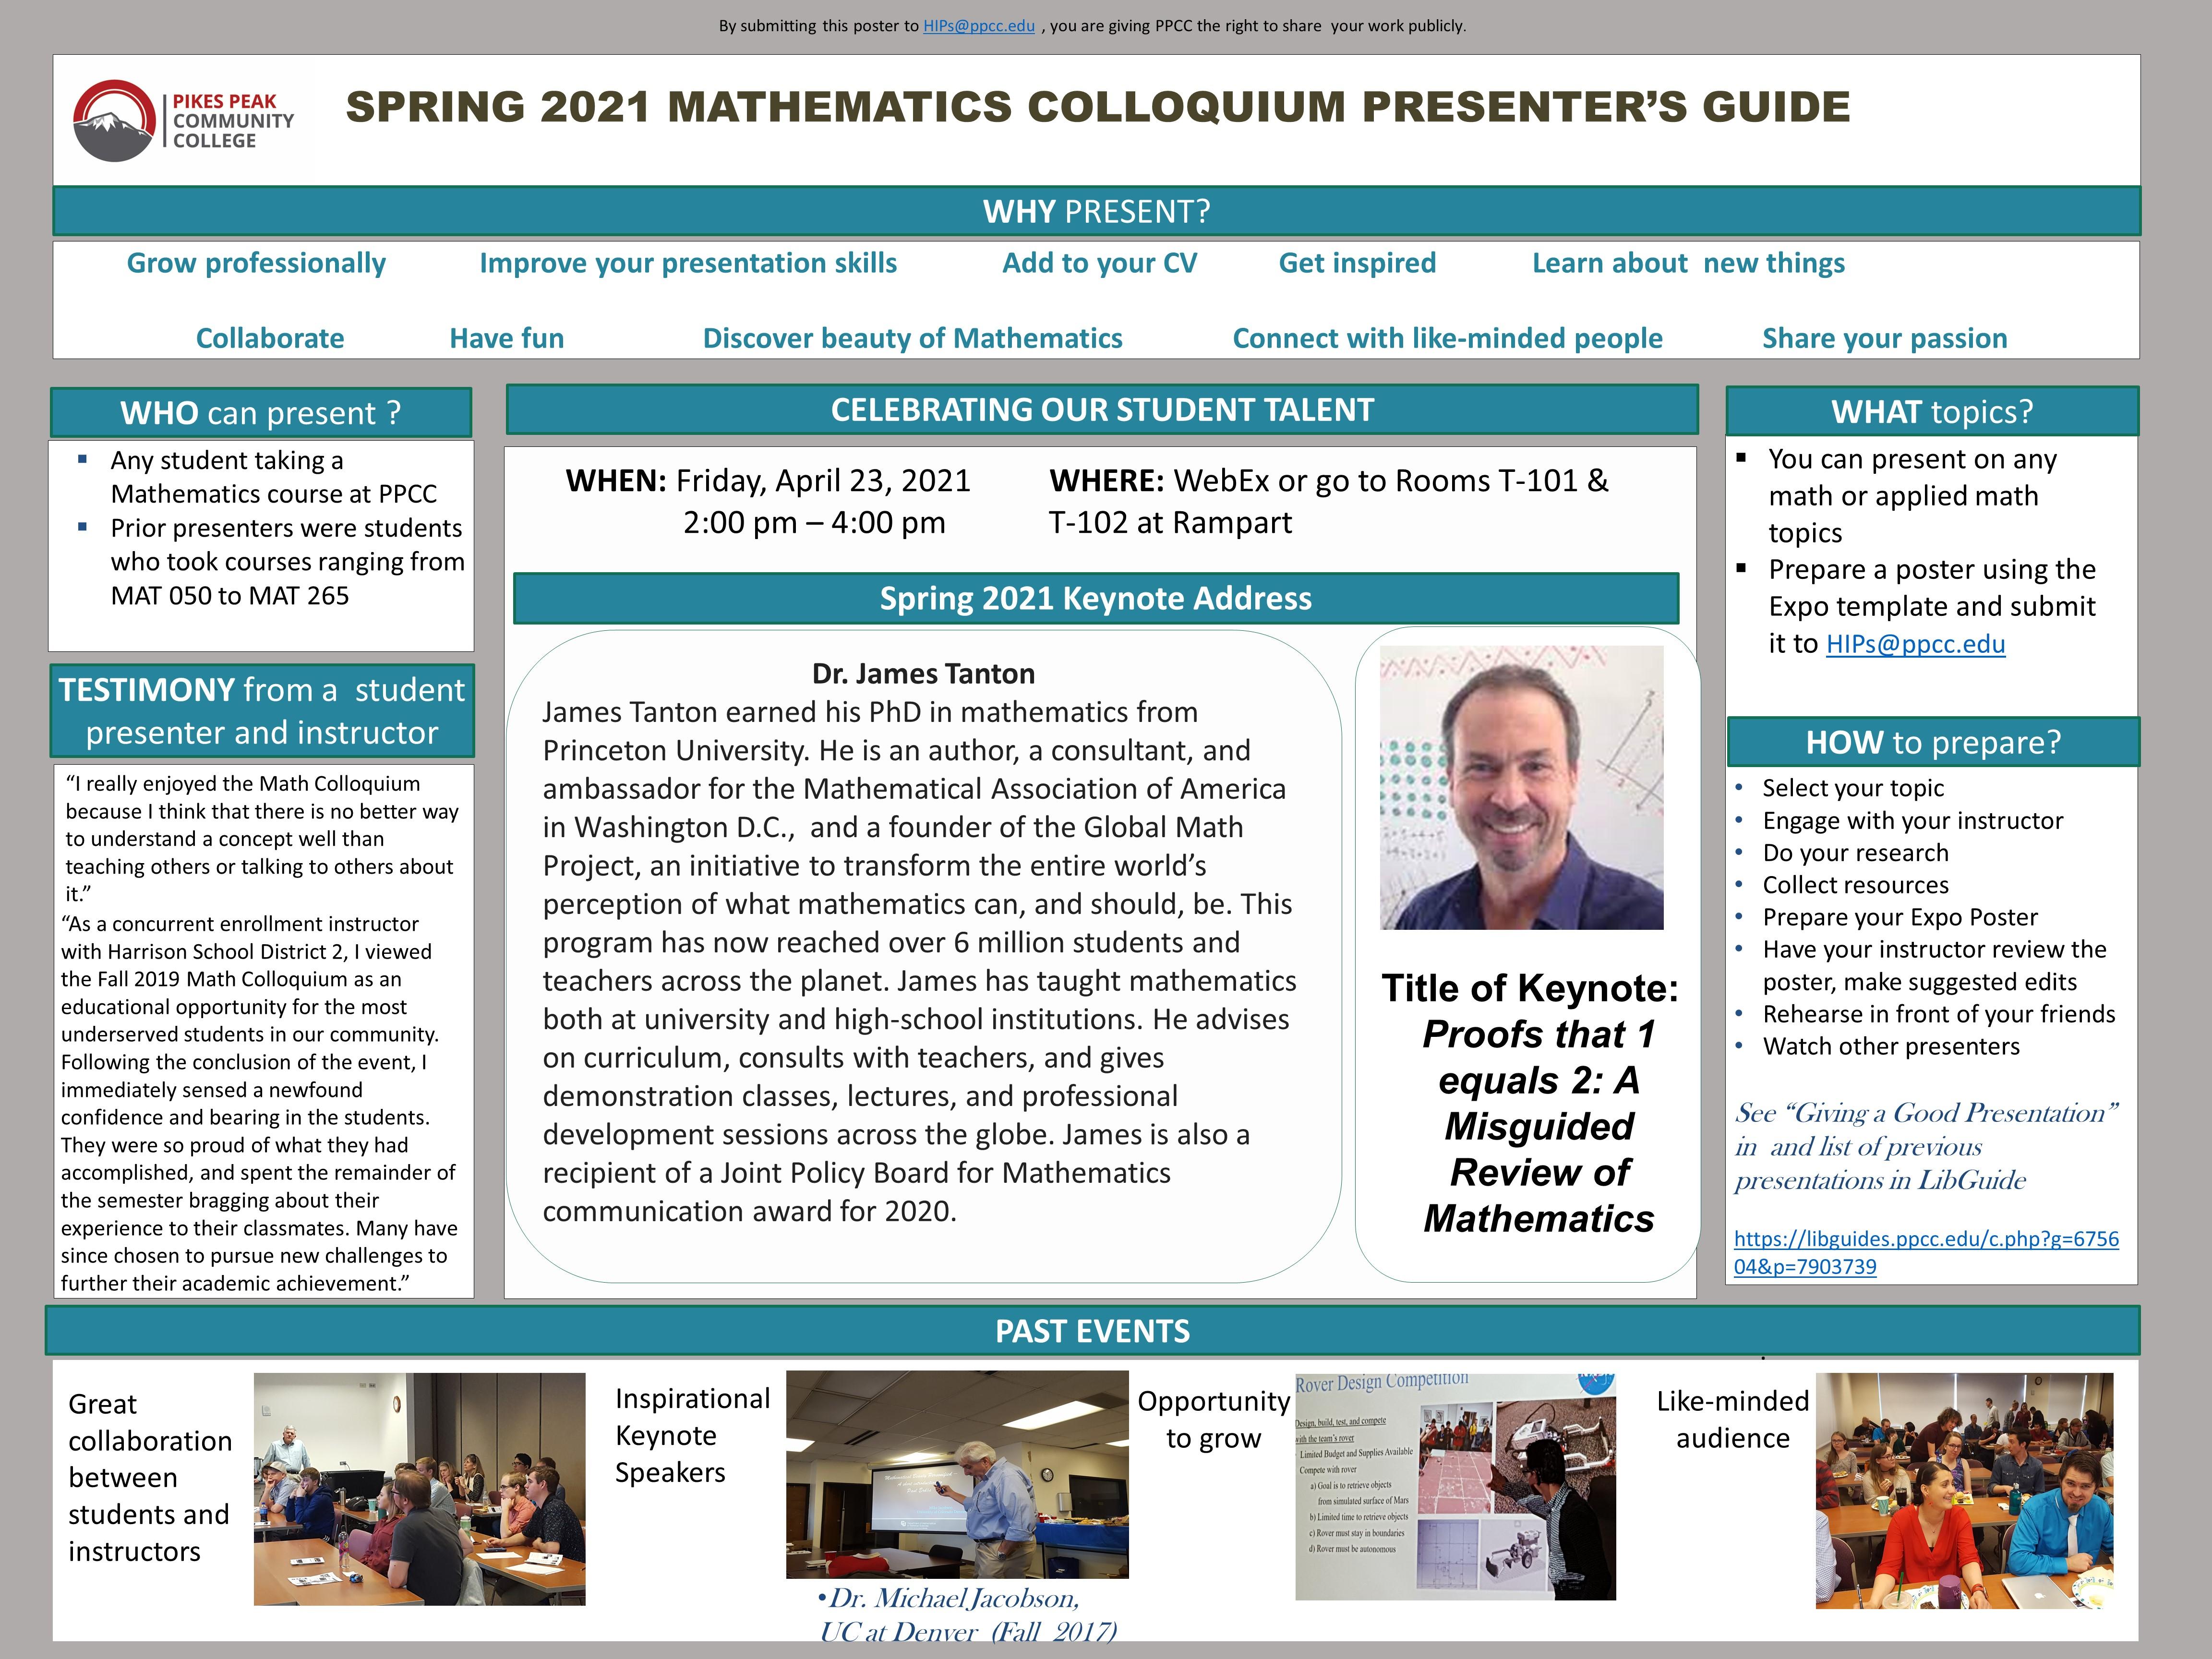 Math Colloquium Presenter's Guide